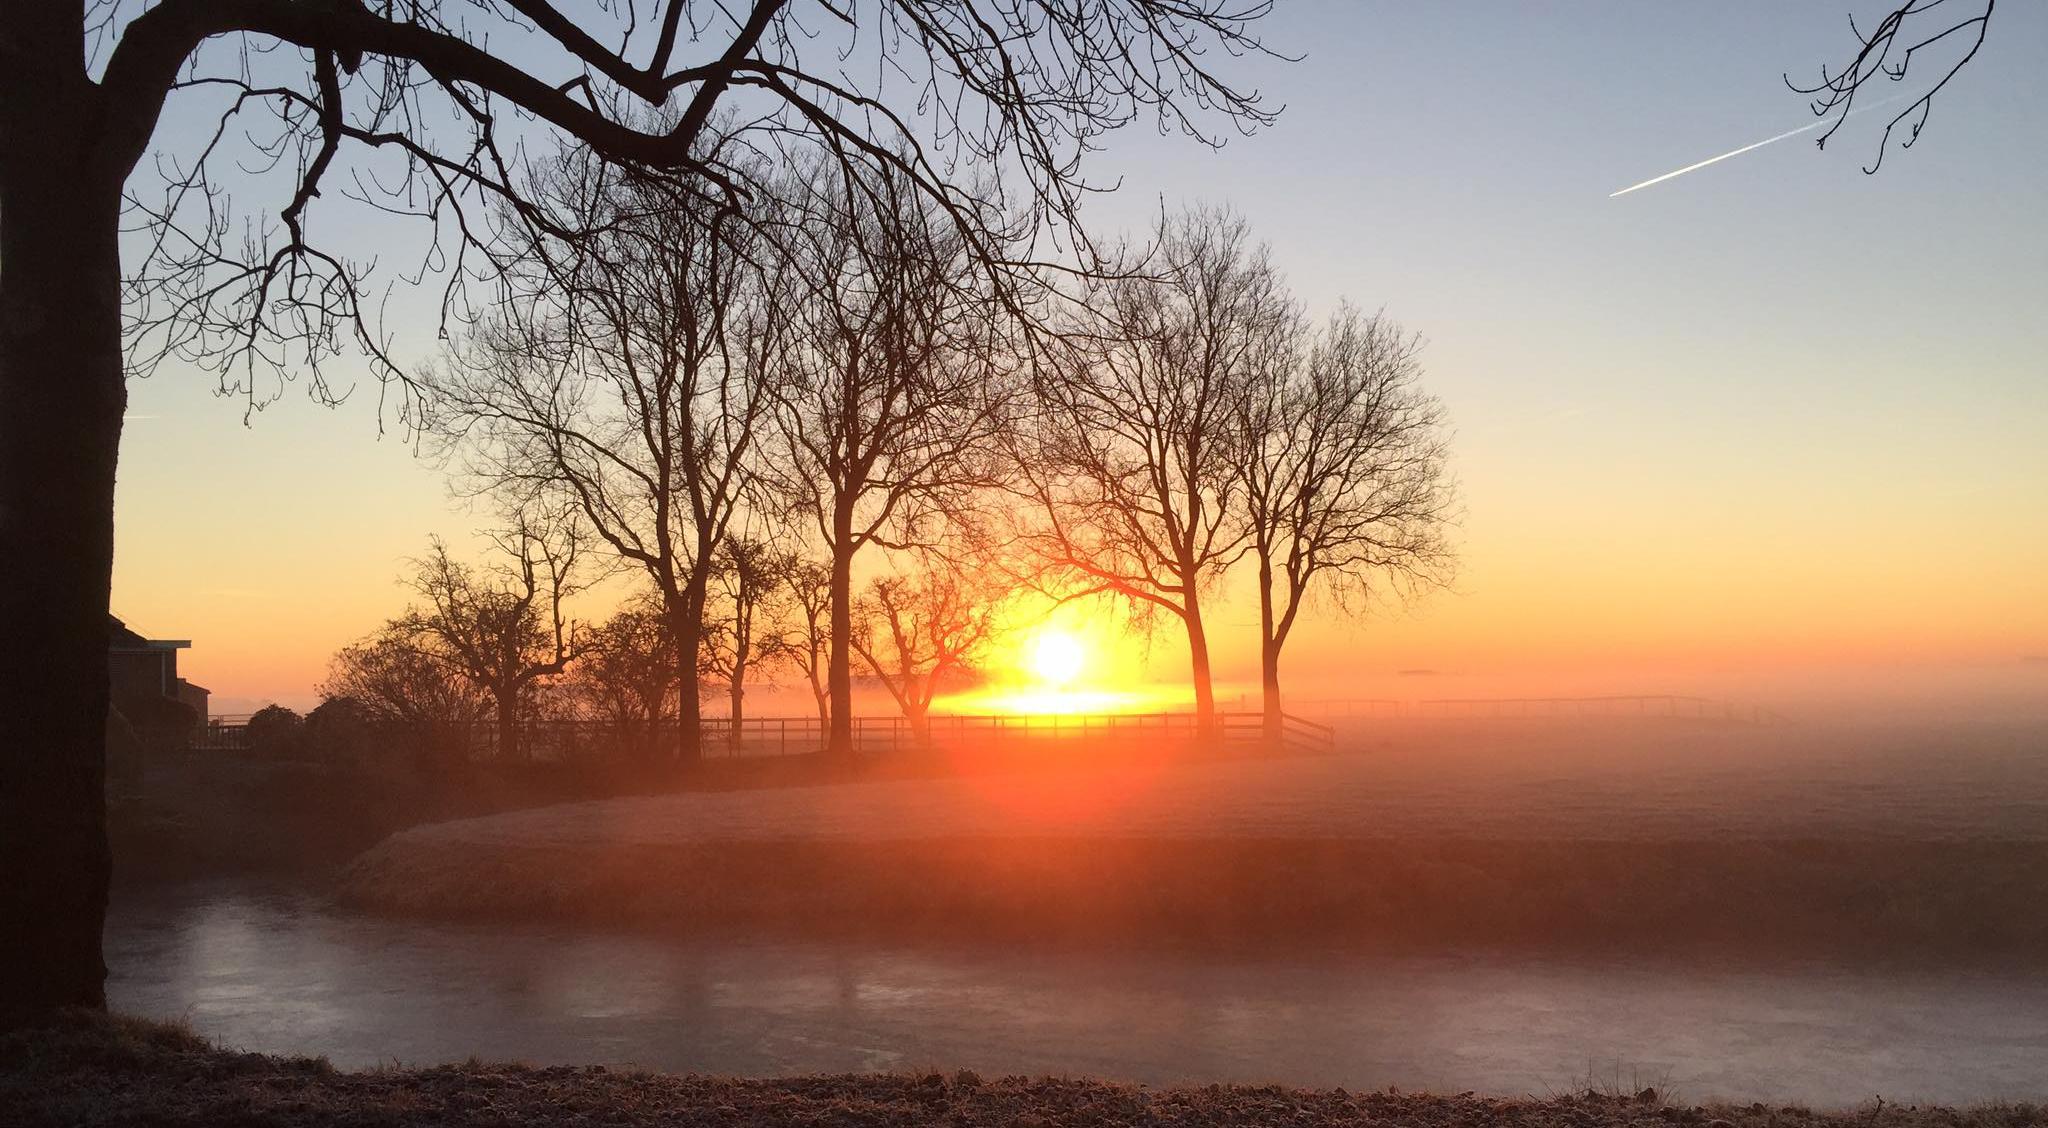 oergevoel-opperdoes-morning-dew-sunrise-winter-event-van-oud-naar-nieuw